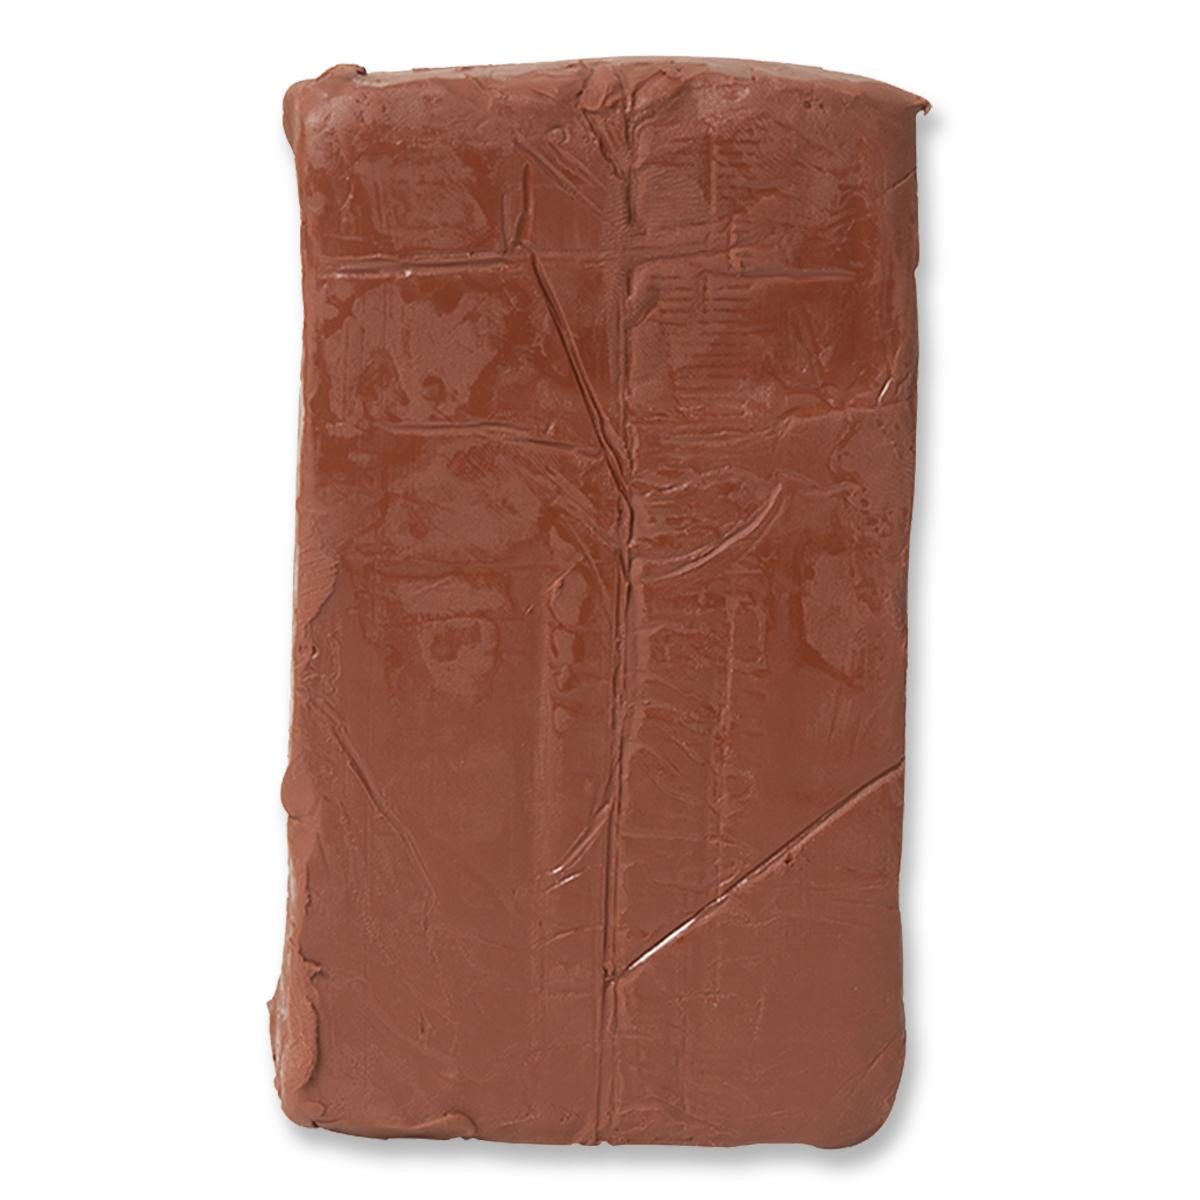 Pâte à modeler : brune